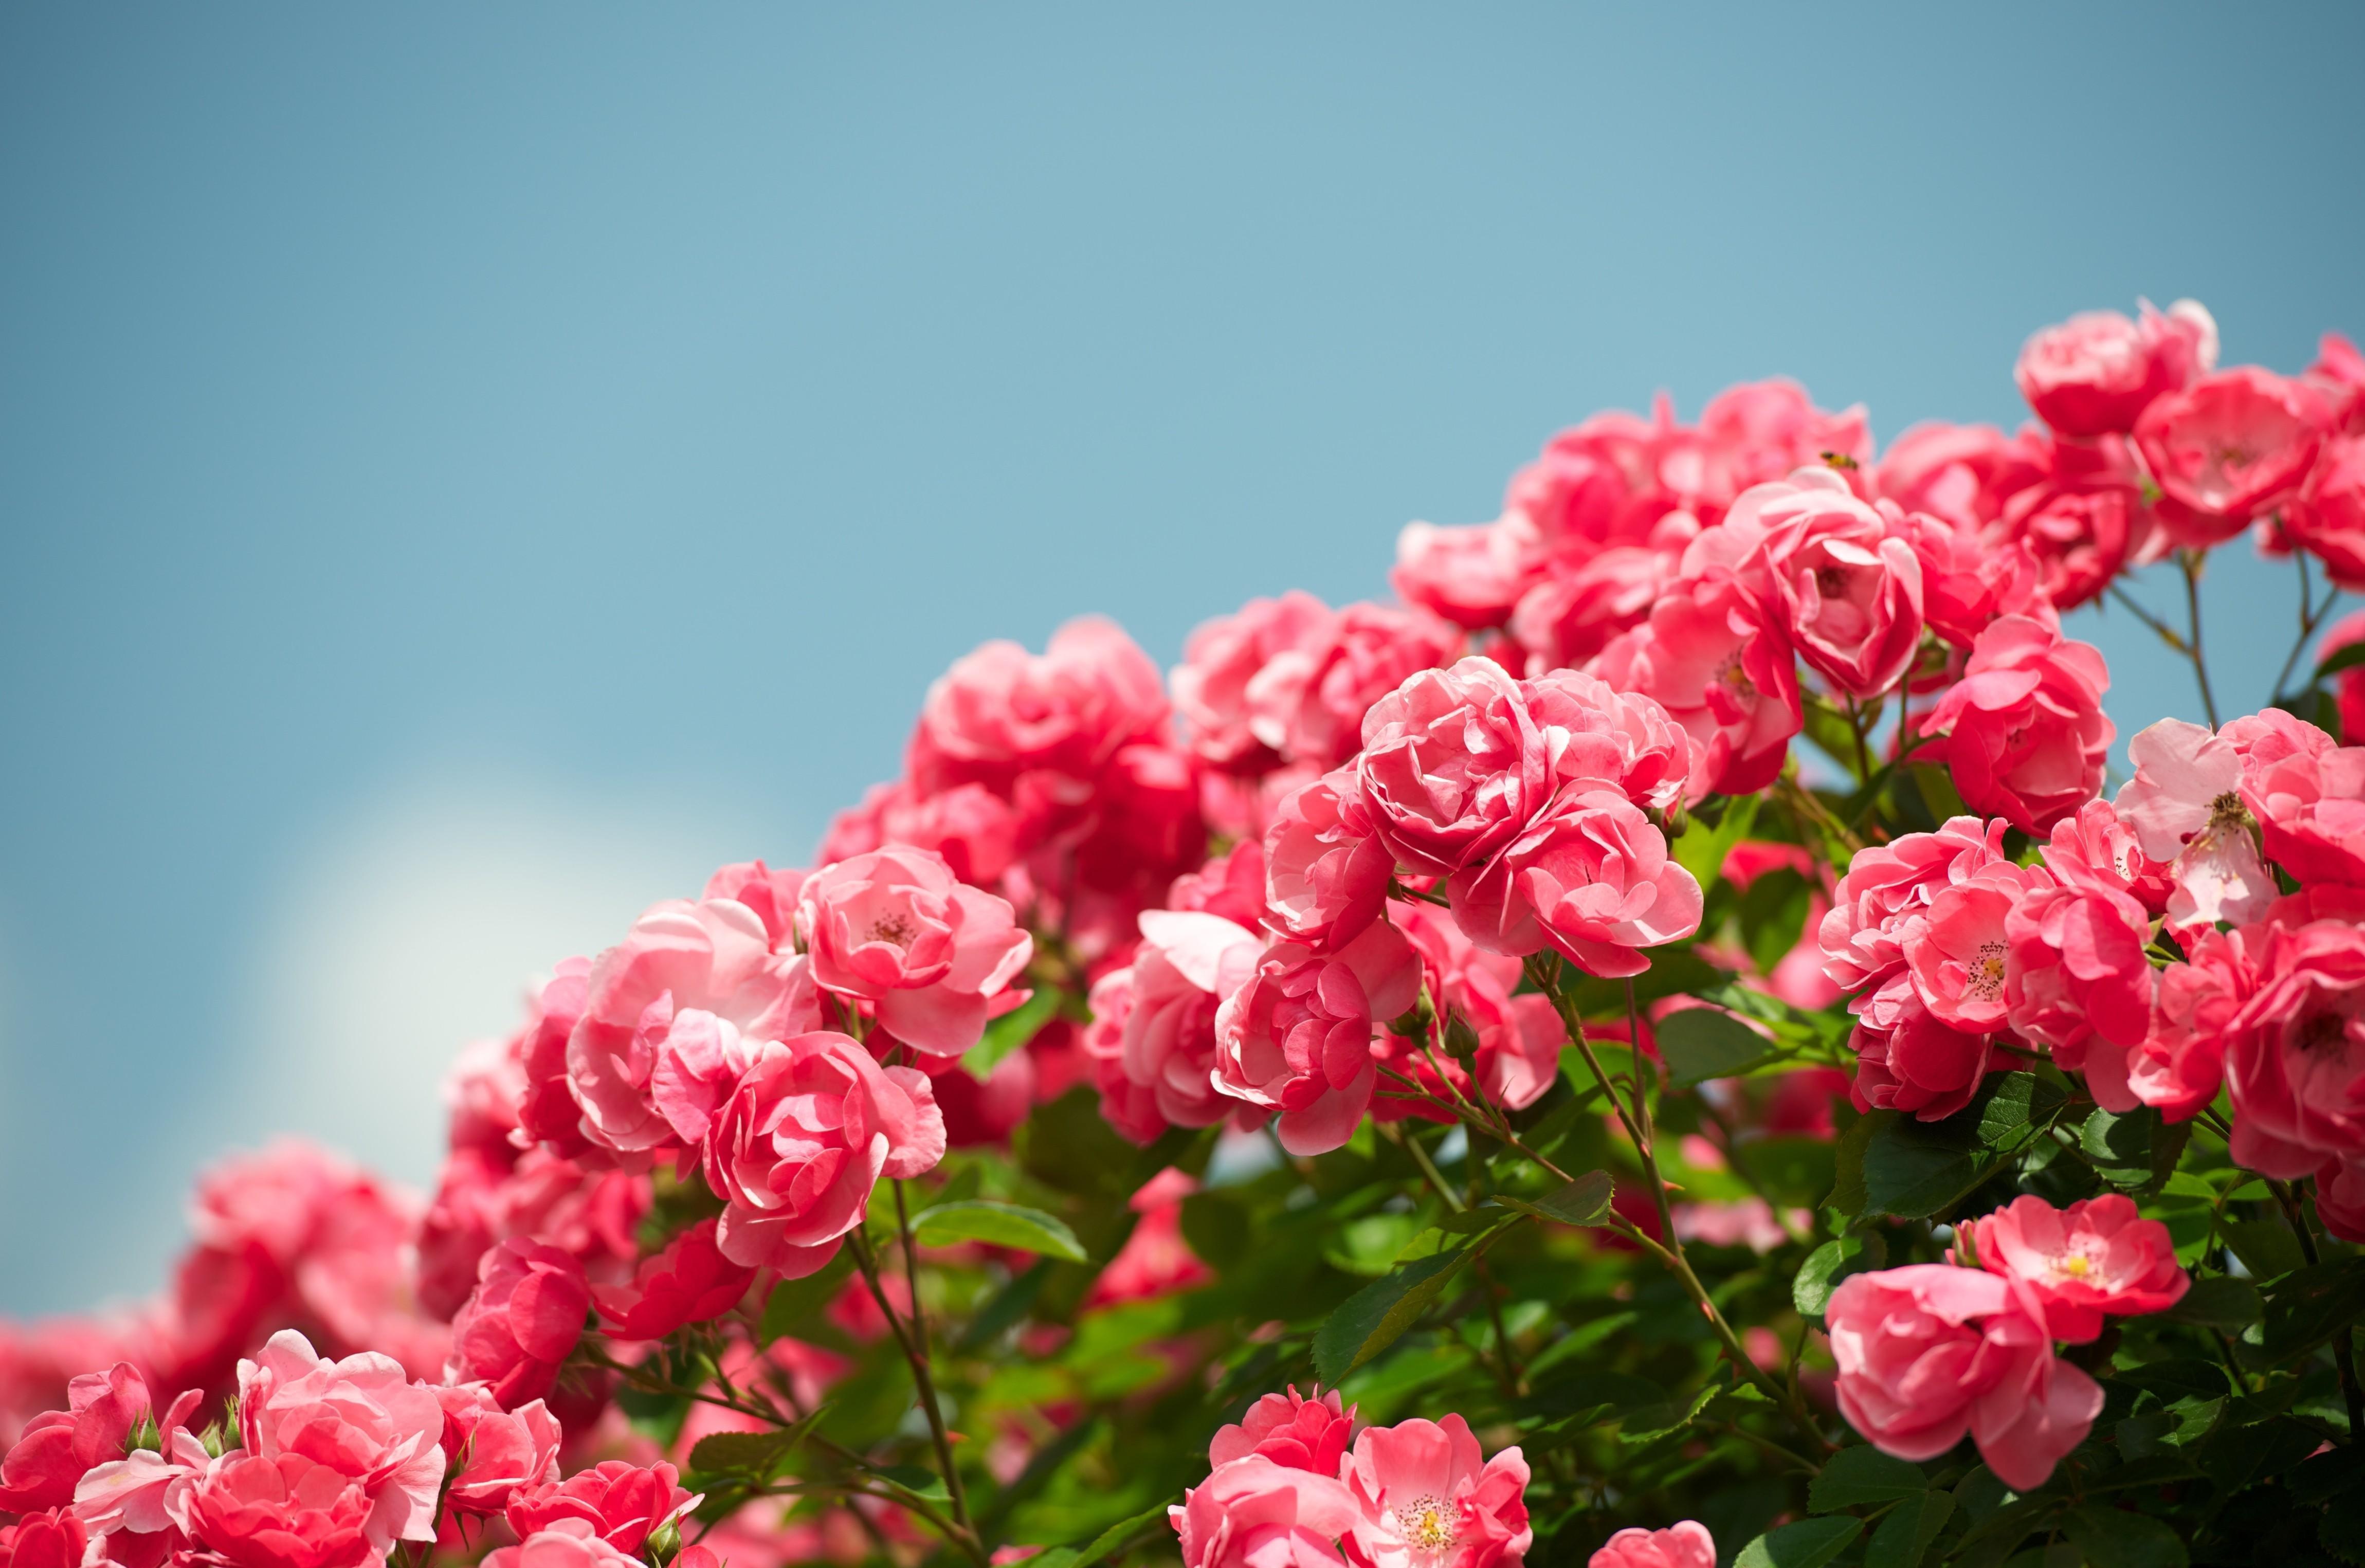 hình nền 4k hoa đẹp